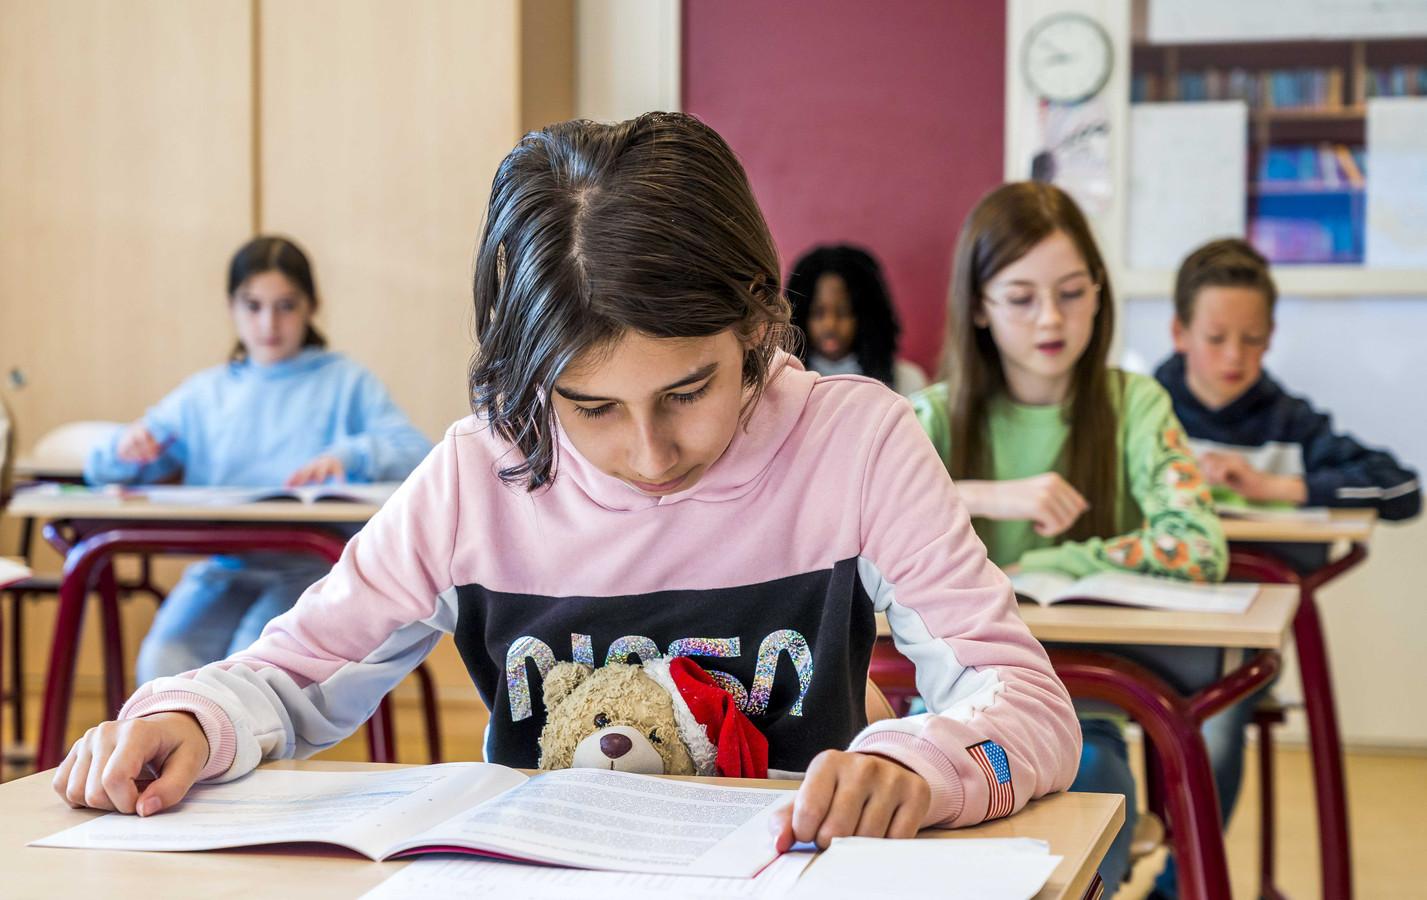 Leerlingen kunnen straks mogelijk privéles krijgen om achterstanden in te lopen.